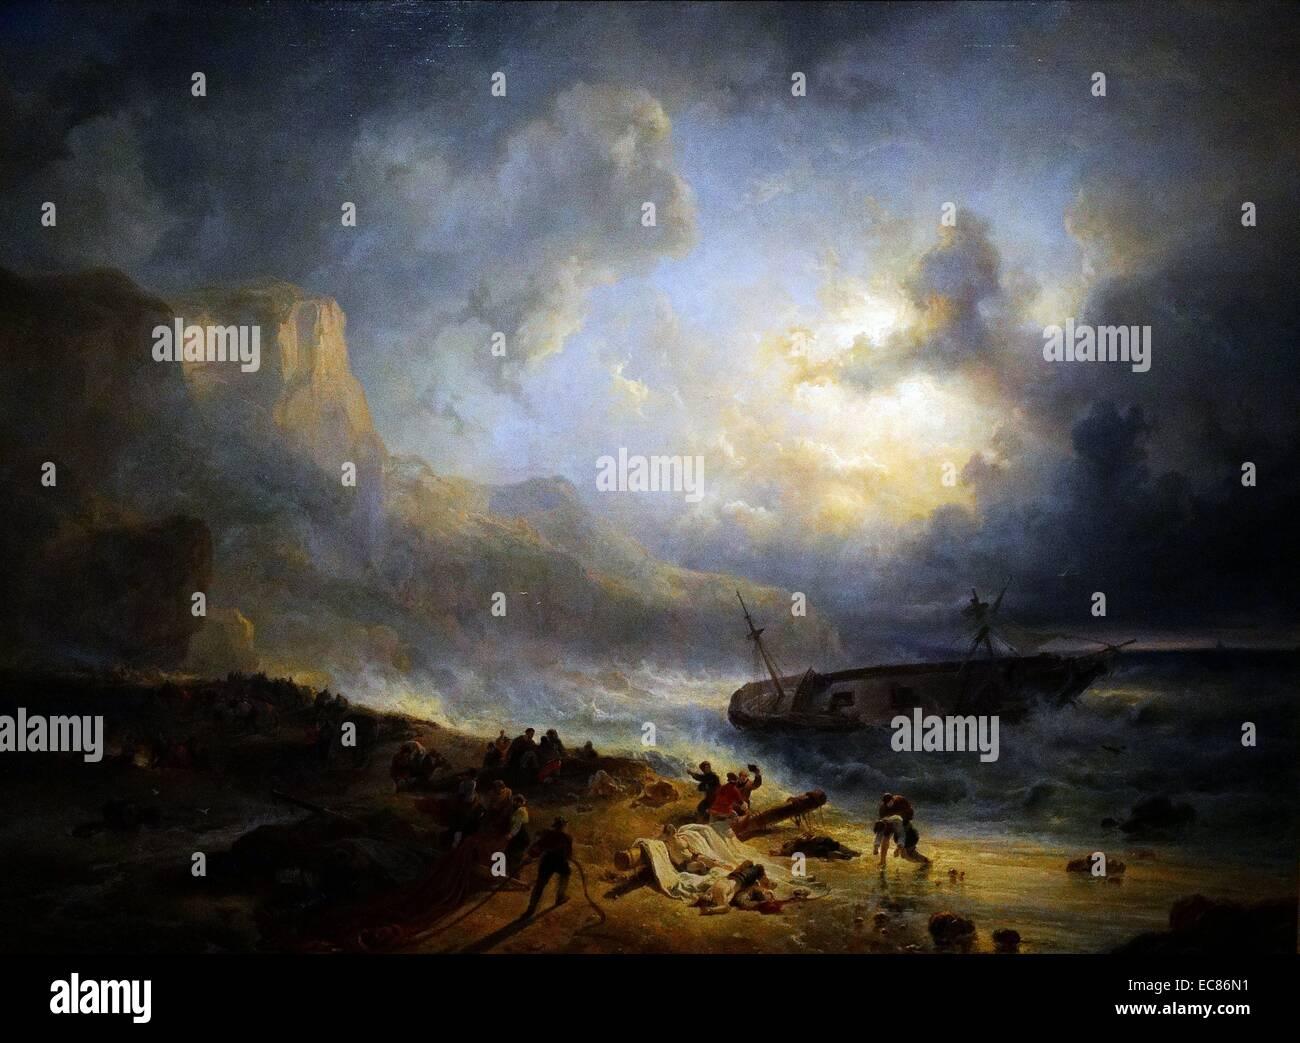 Pittura intitolato 'Shipwreck fuori da una costa rocciosa' Immagini Stock